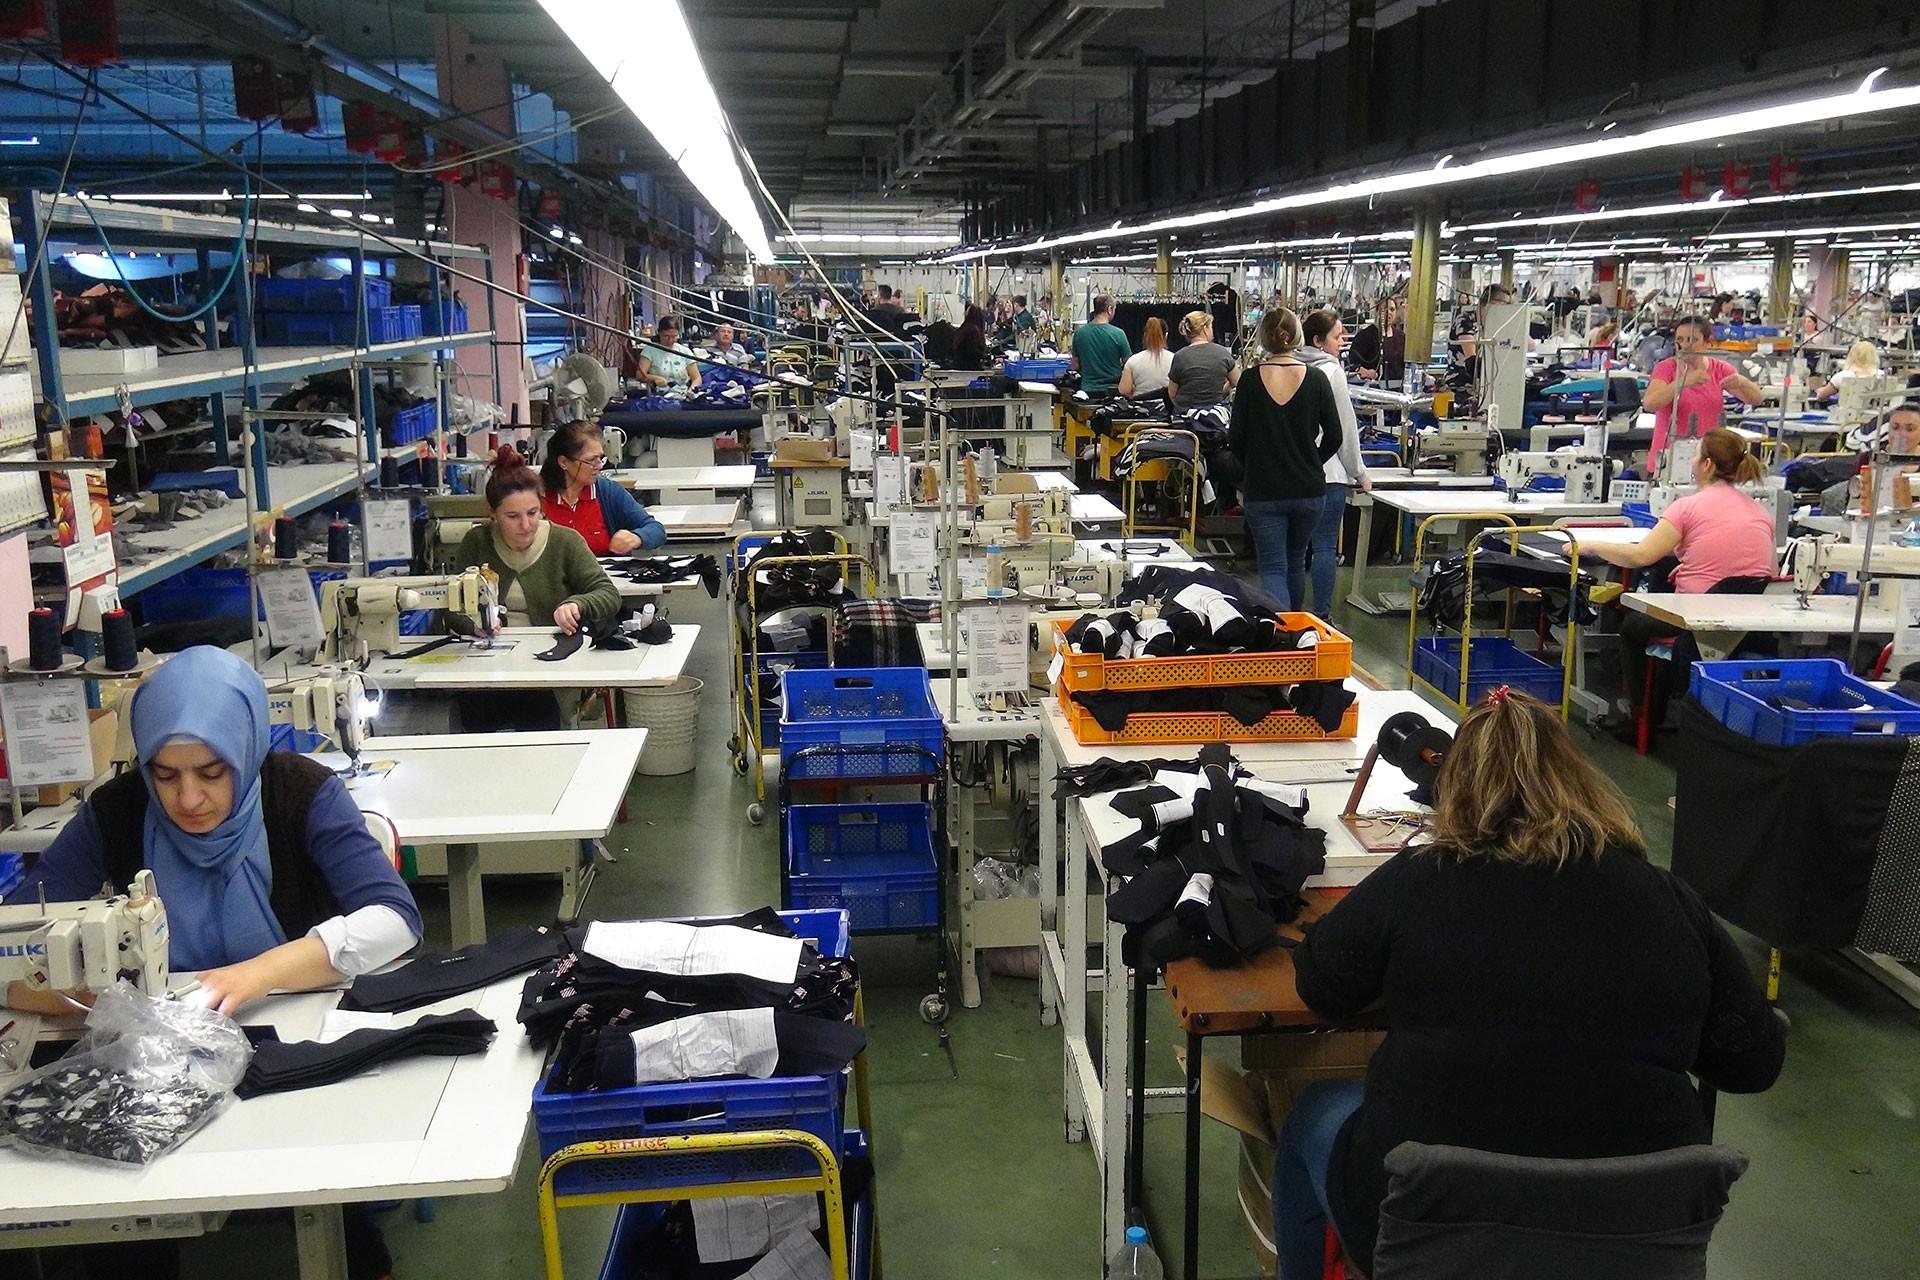 Kadın tekstil işçileri makinelerinin başında.